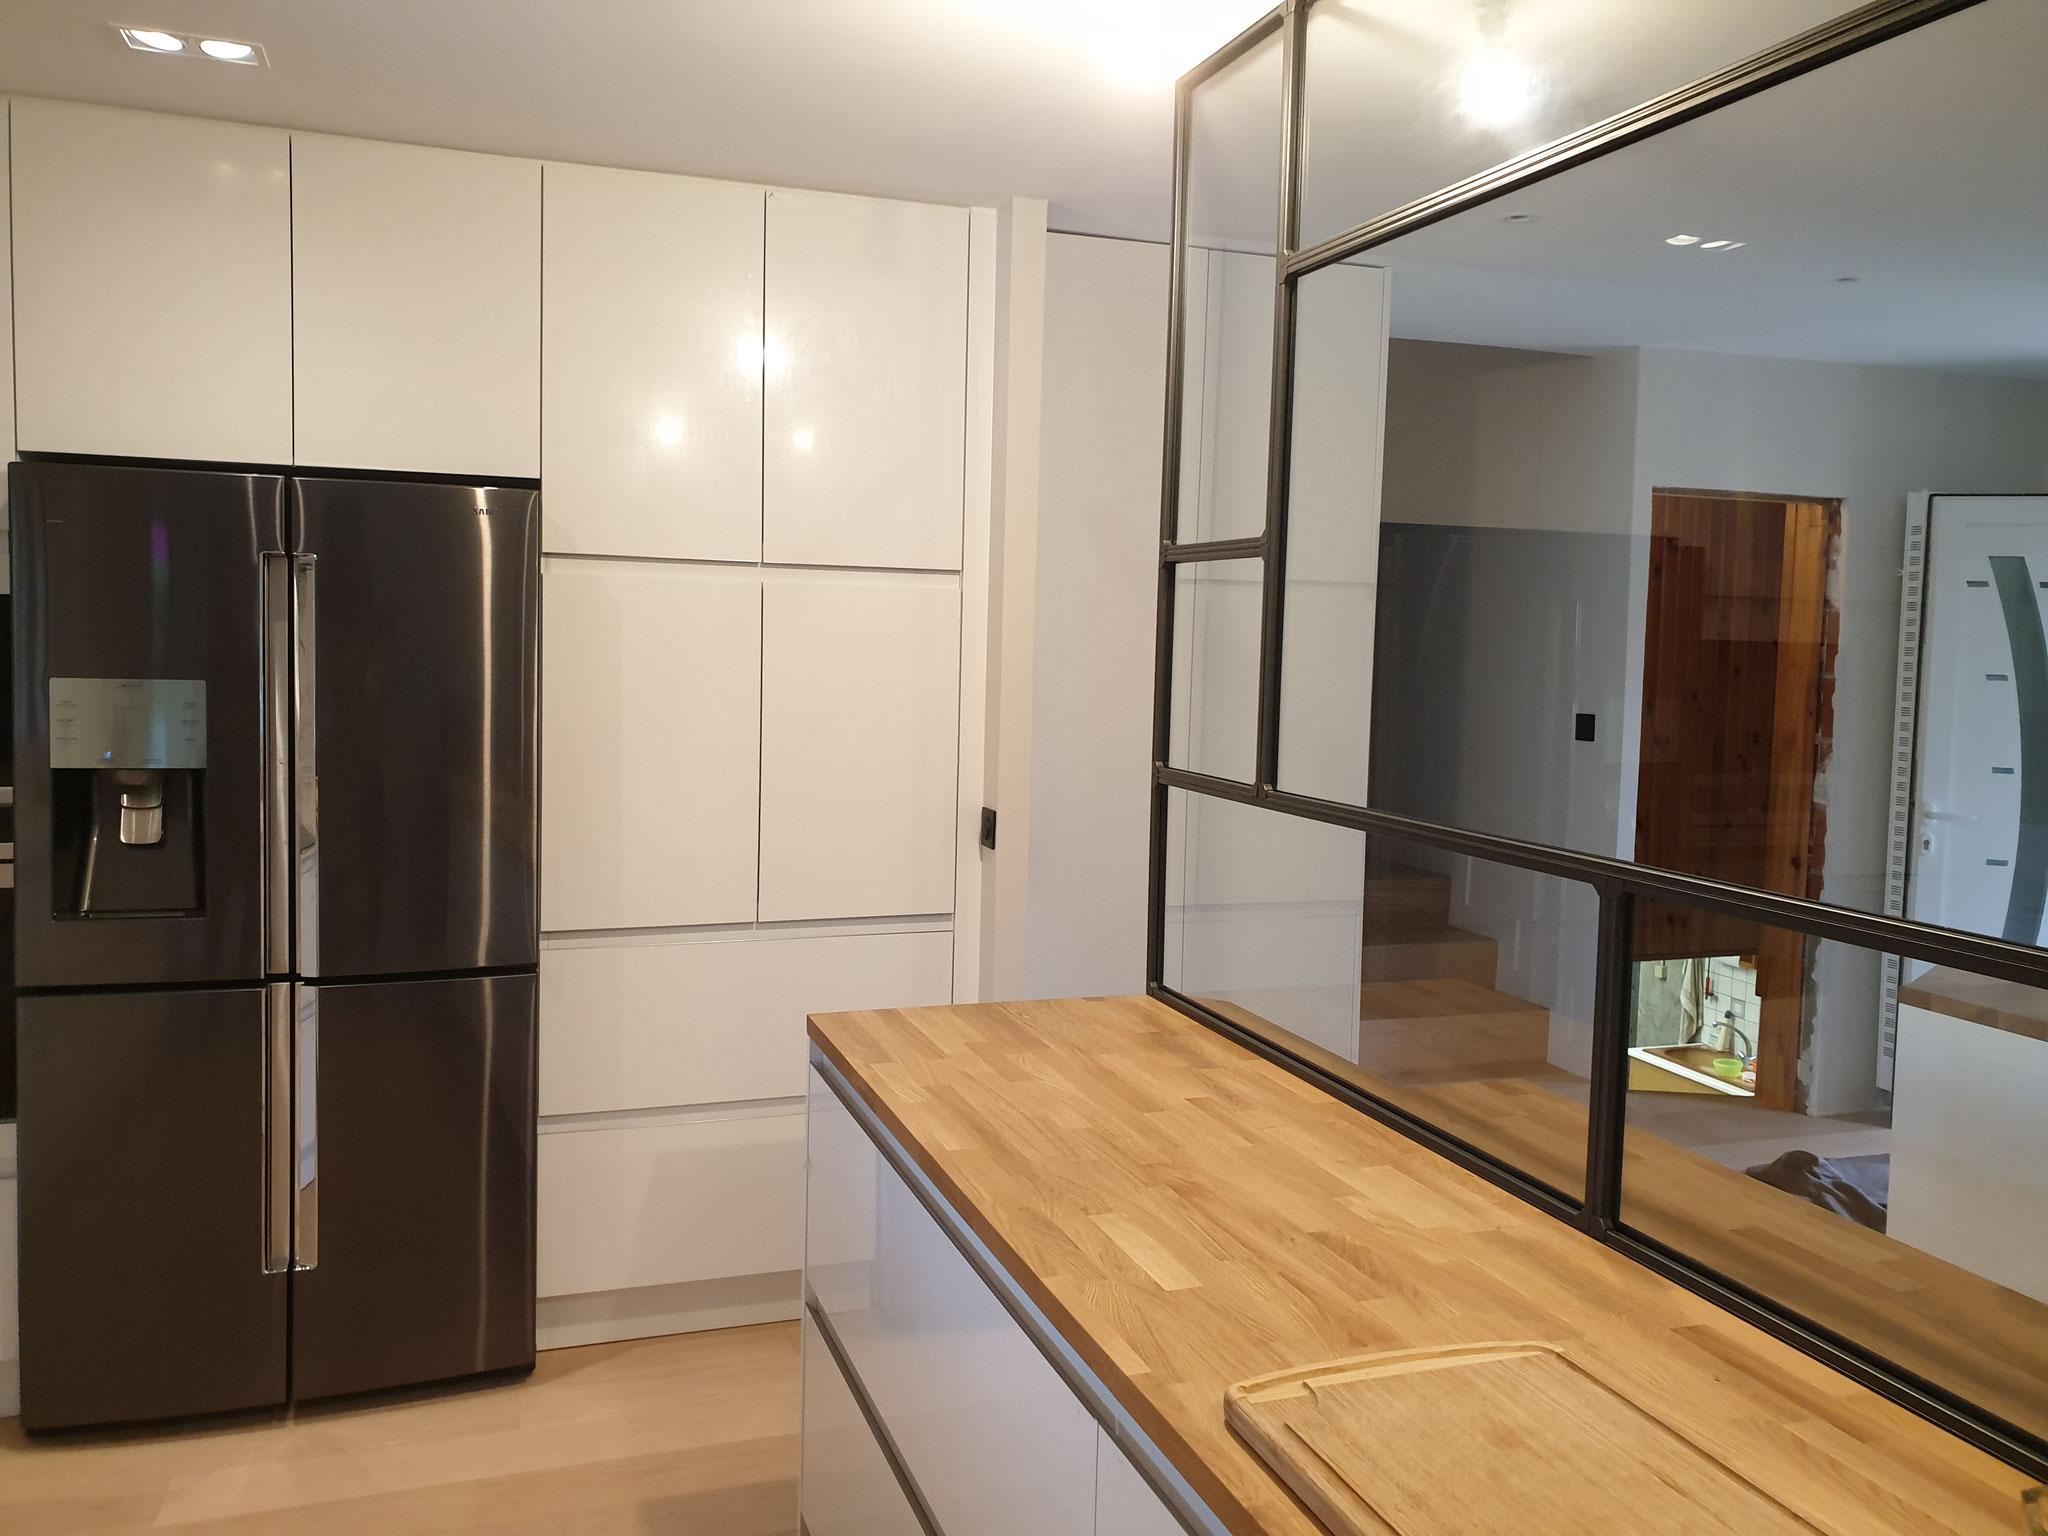 Cuisine blanche et bois sans poignée ouverte avec ilot central par cuisine design Toulouse